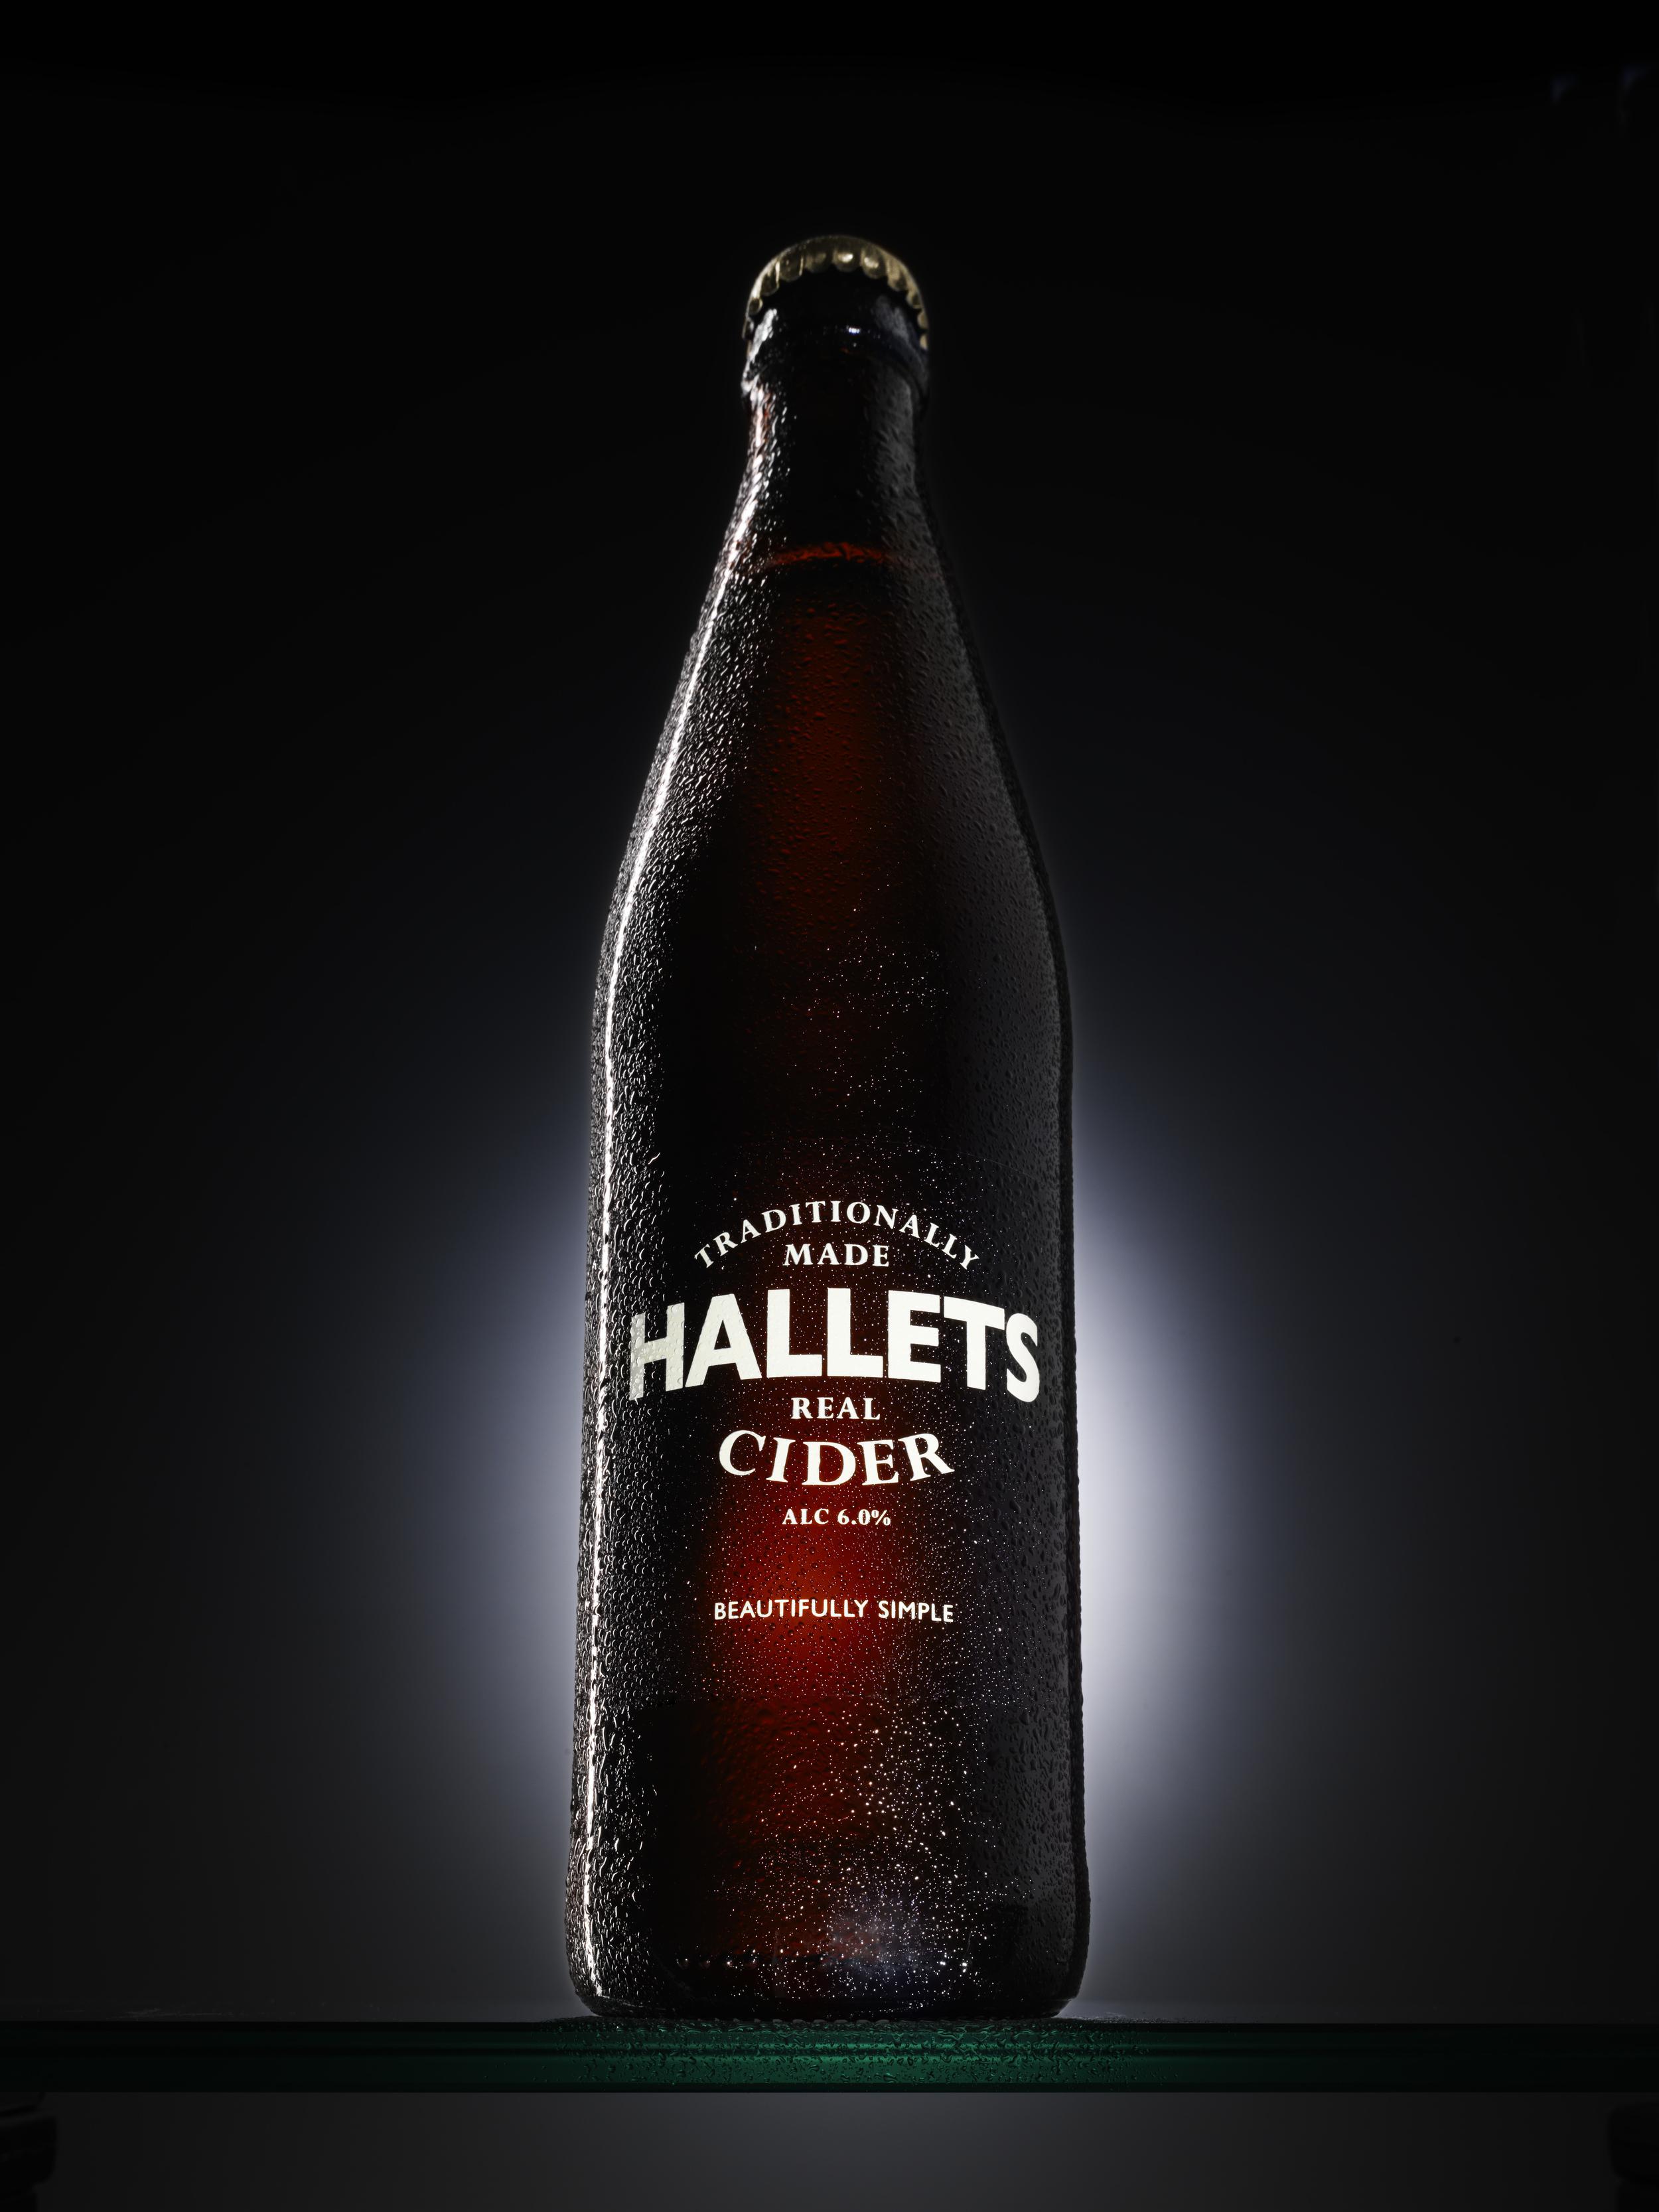 Hallets cider spritz_0123 copy copy.jpg